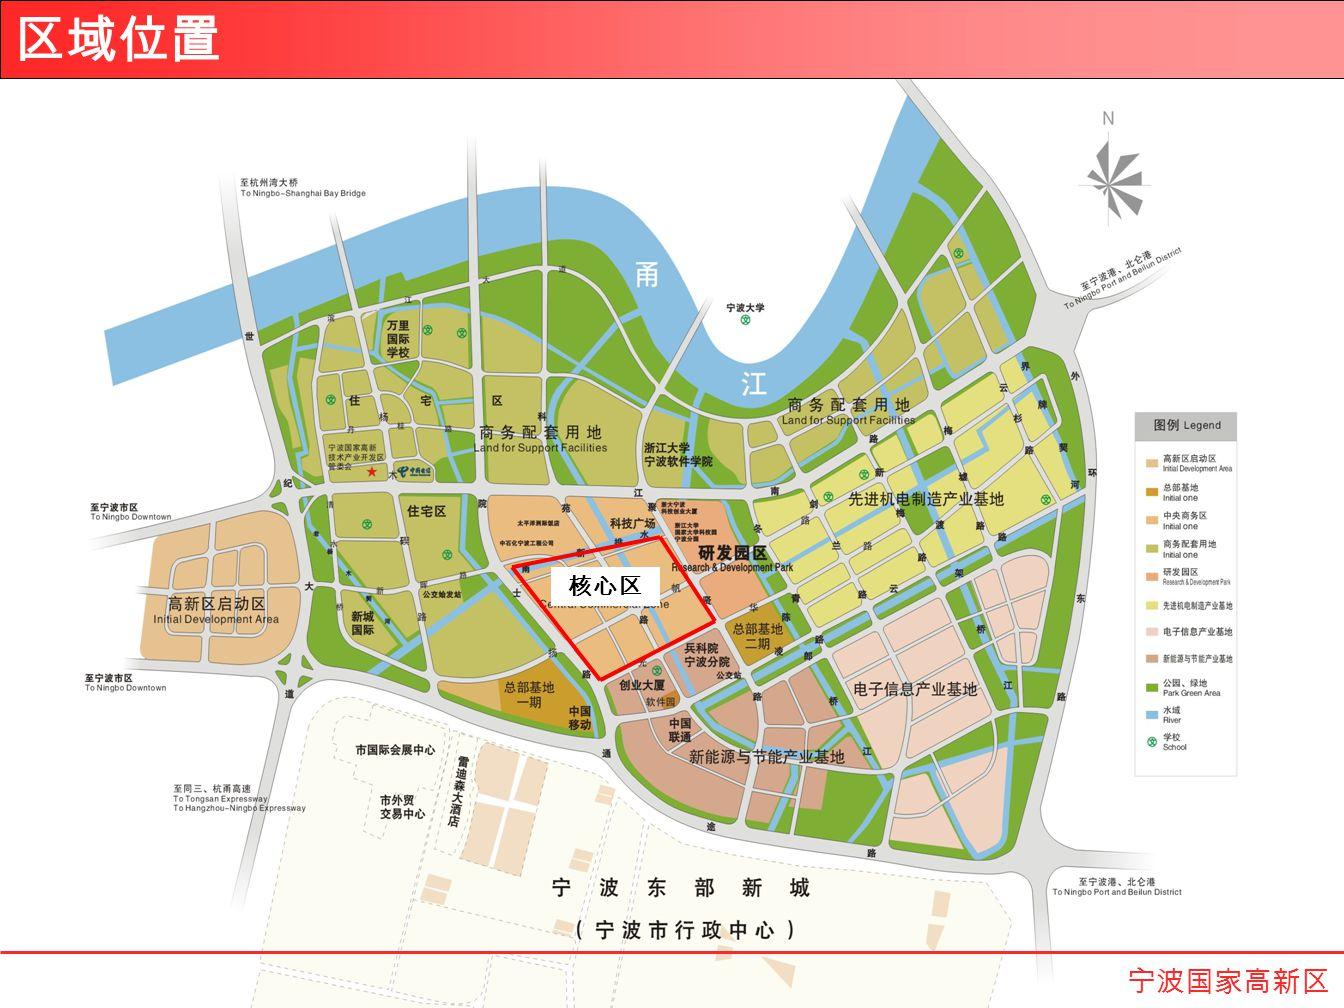 区域位置 核心区 宁波国家高新区